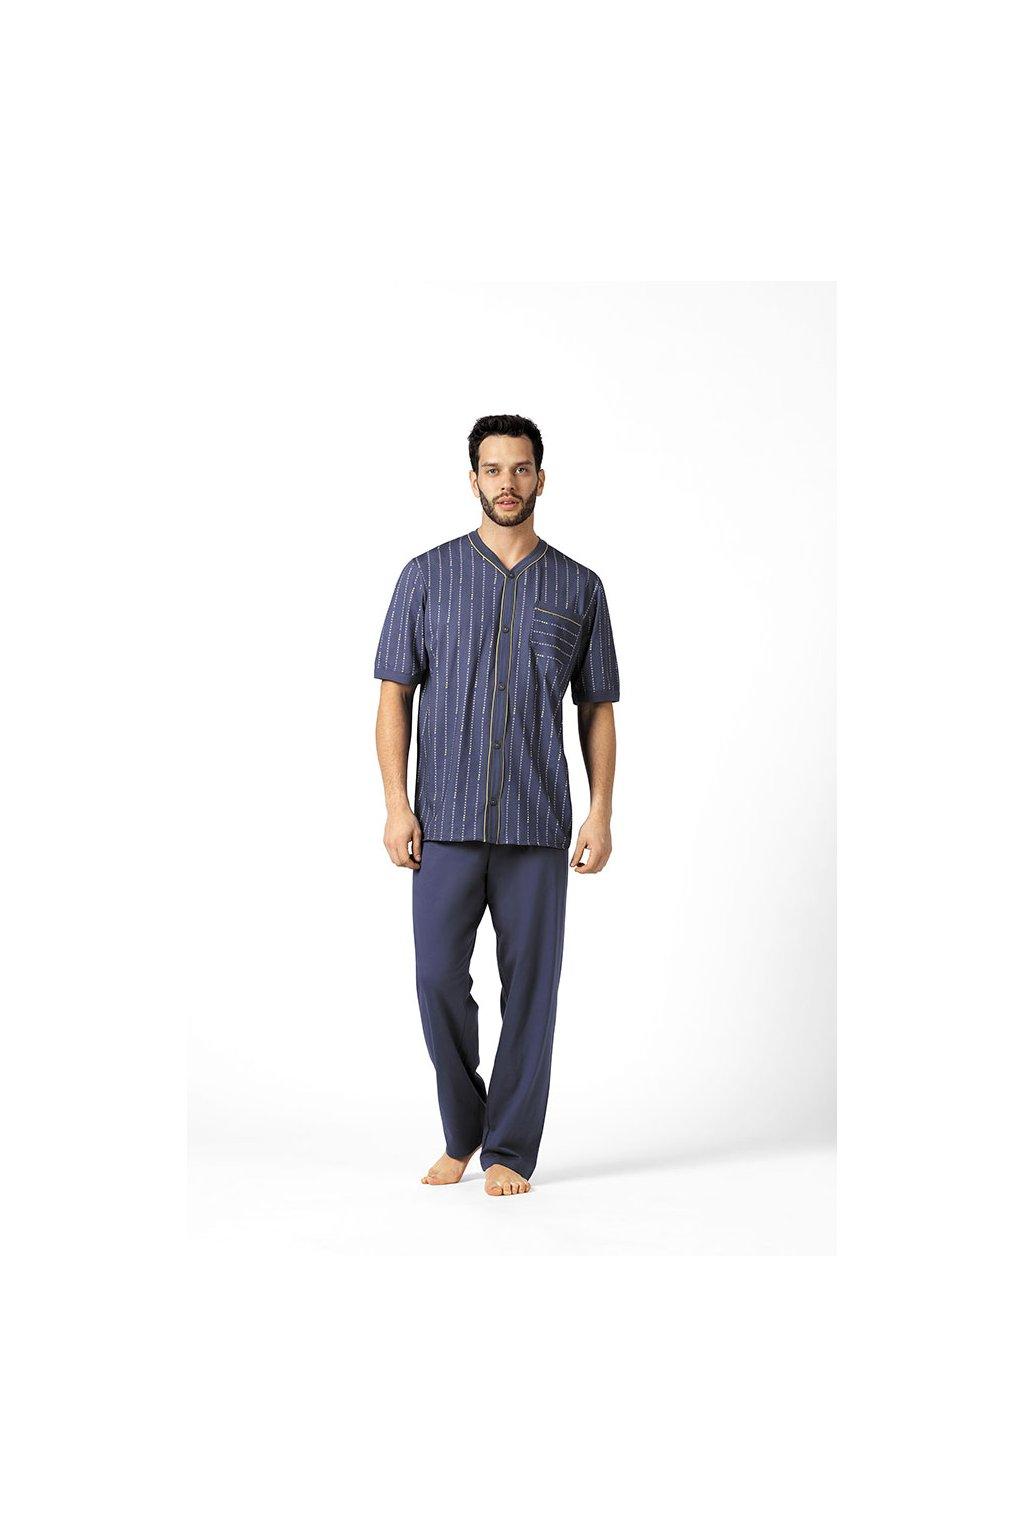 Pánské pyžamo s krátkým rukávem a dlouhými nohavicemi, 20499 416, modrá